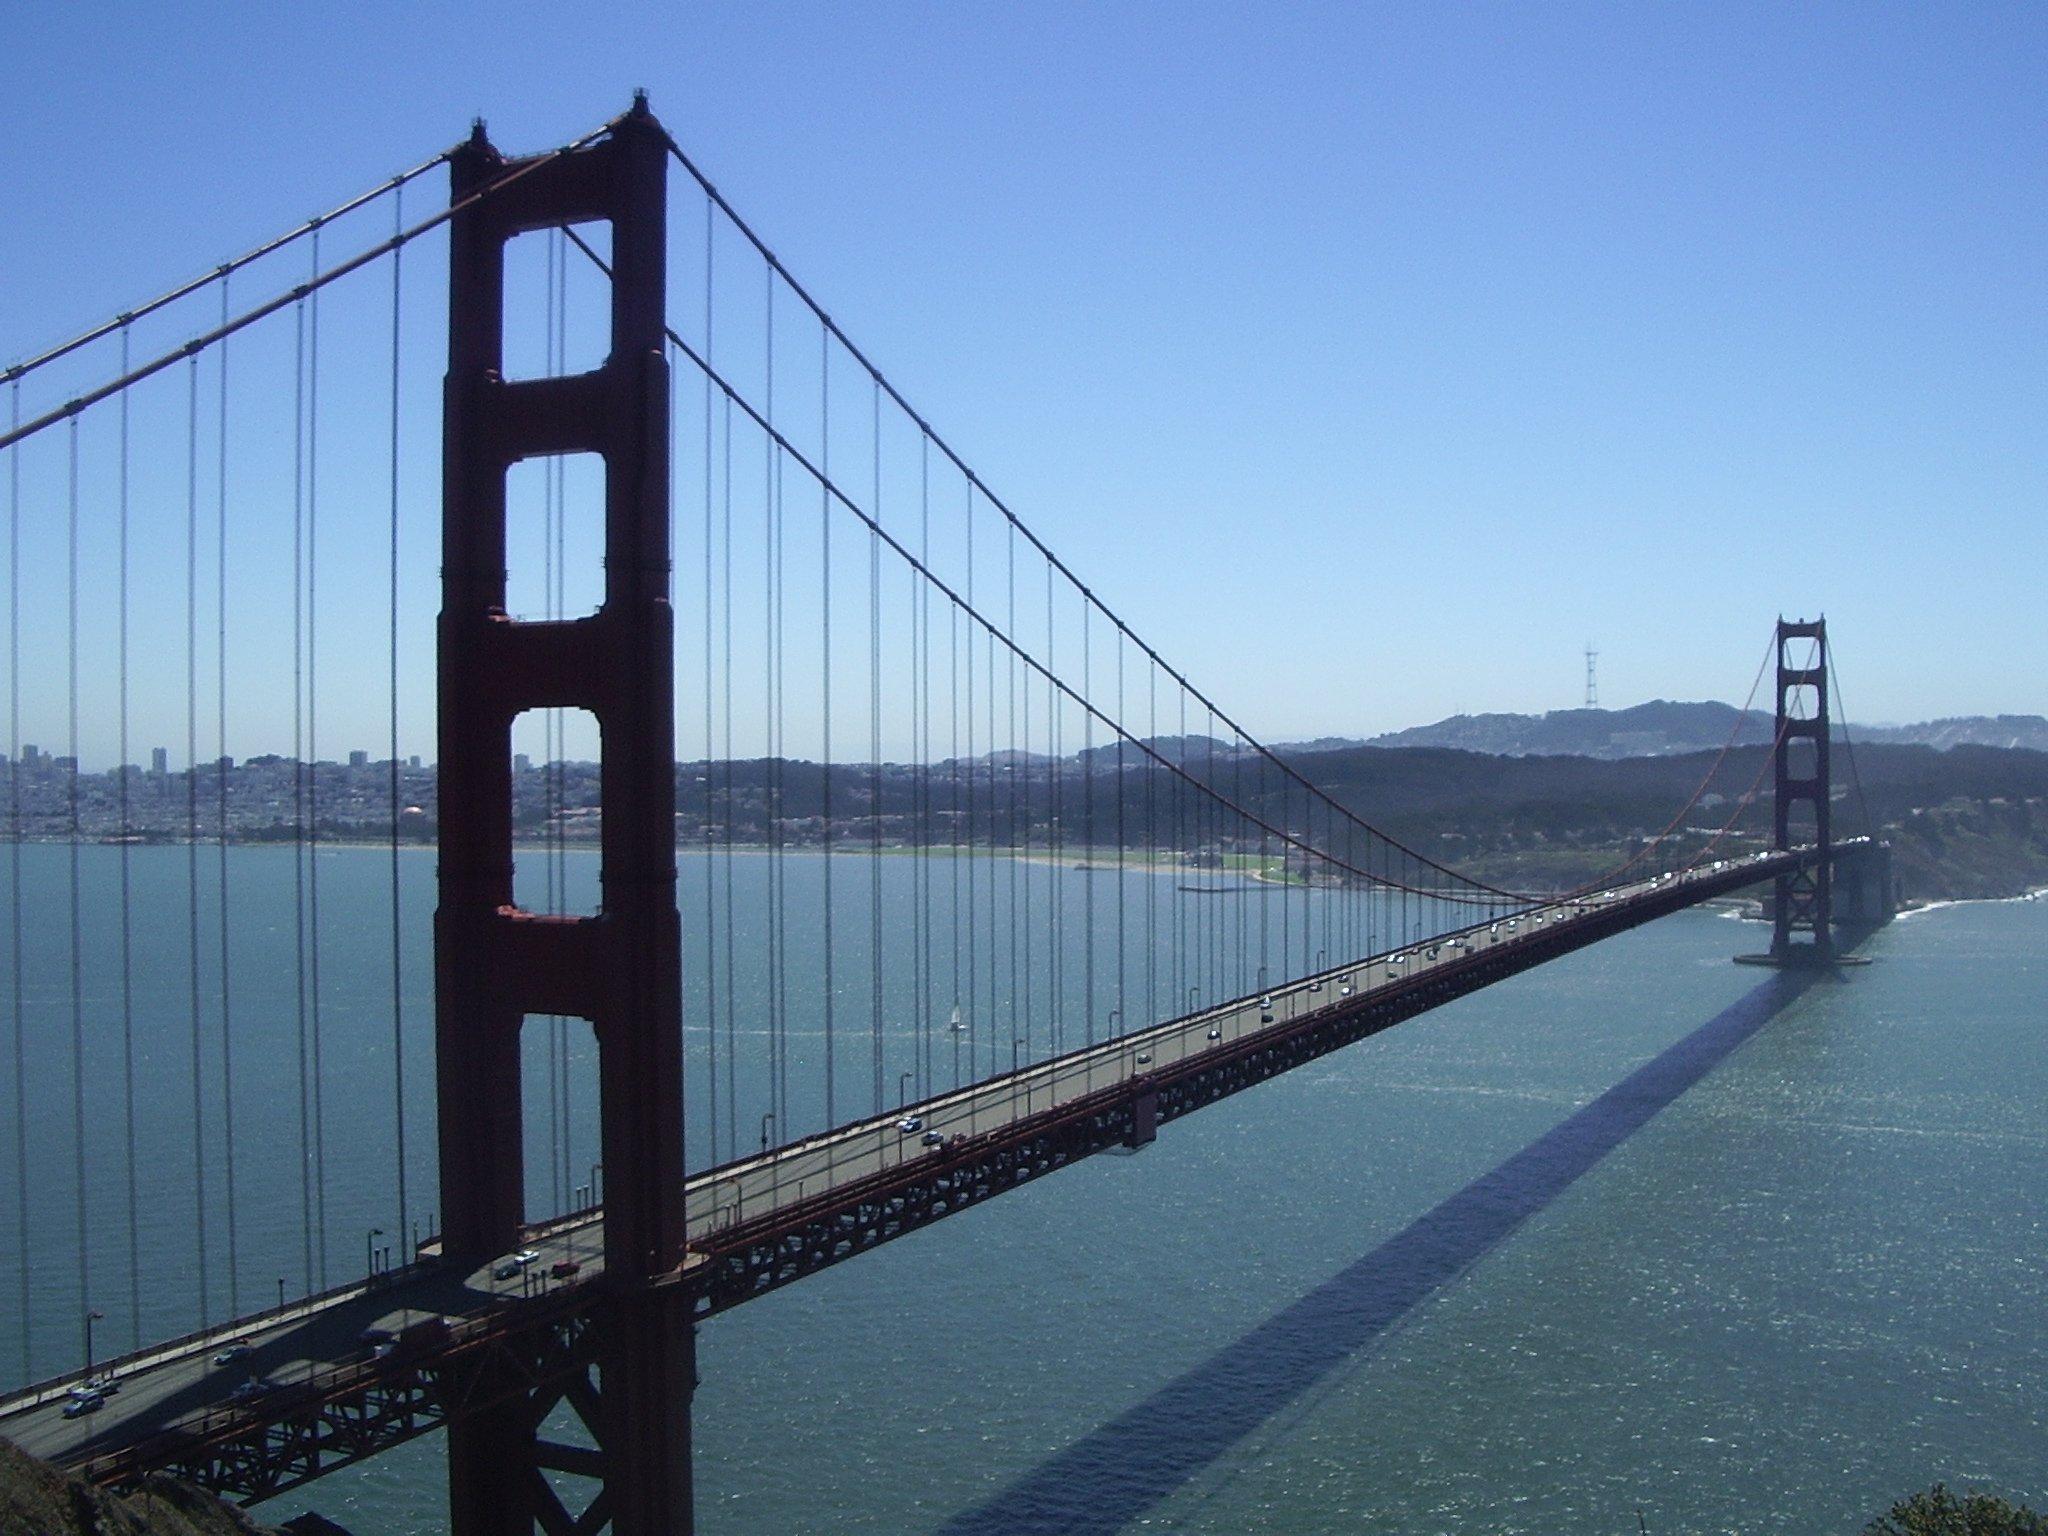 USA_California_San Francisco_Golden Gate